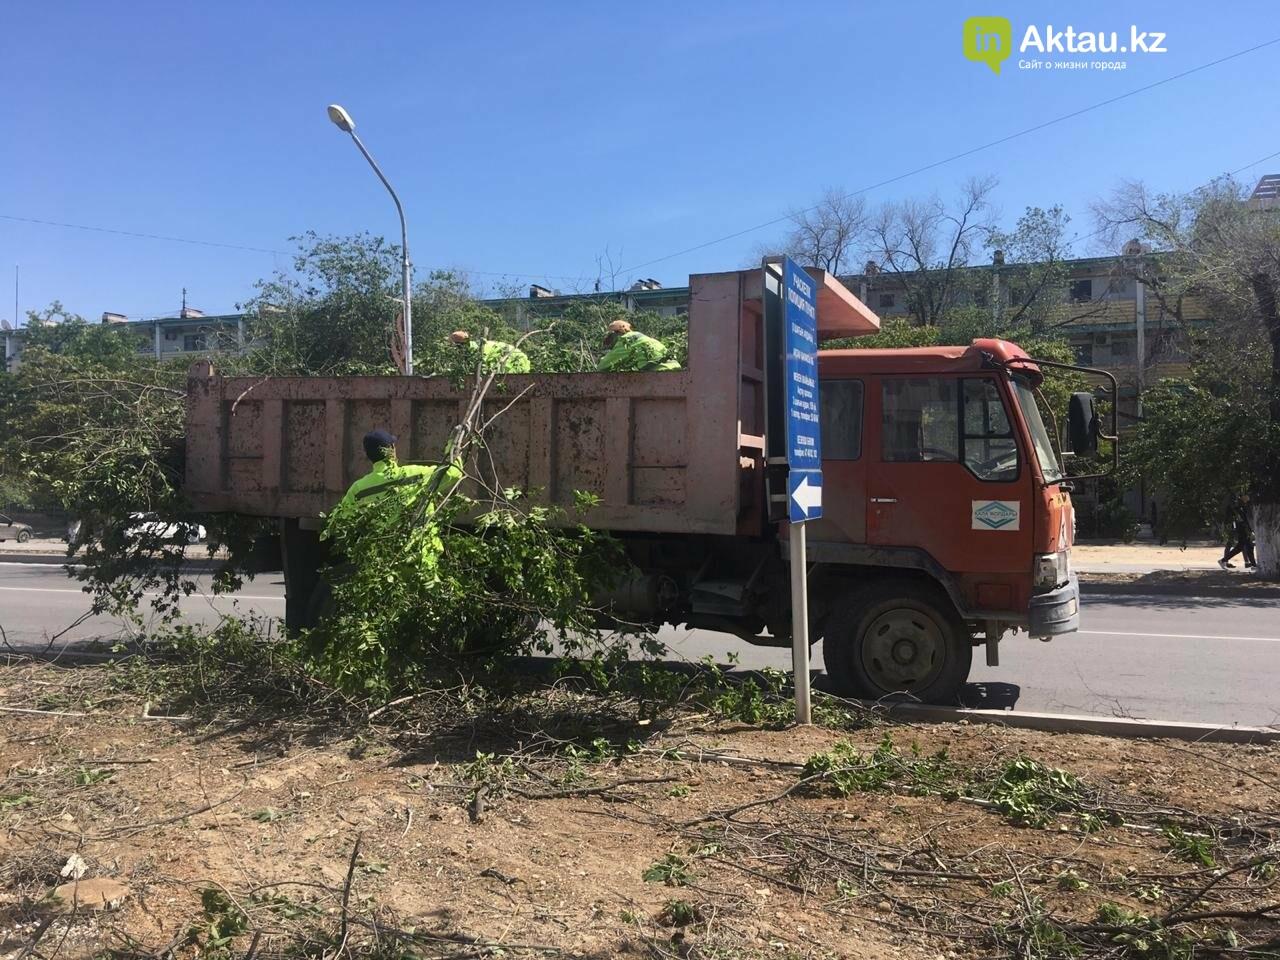 Самую зеленую аллею в Актау может заменить газон, фото-2